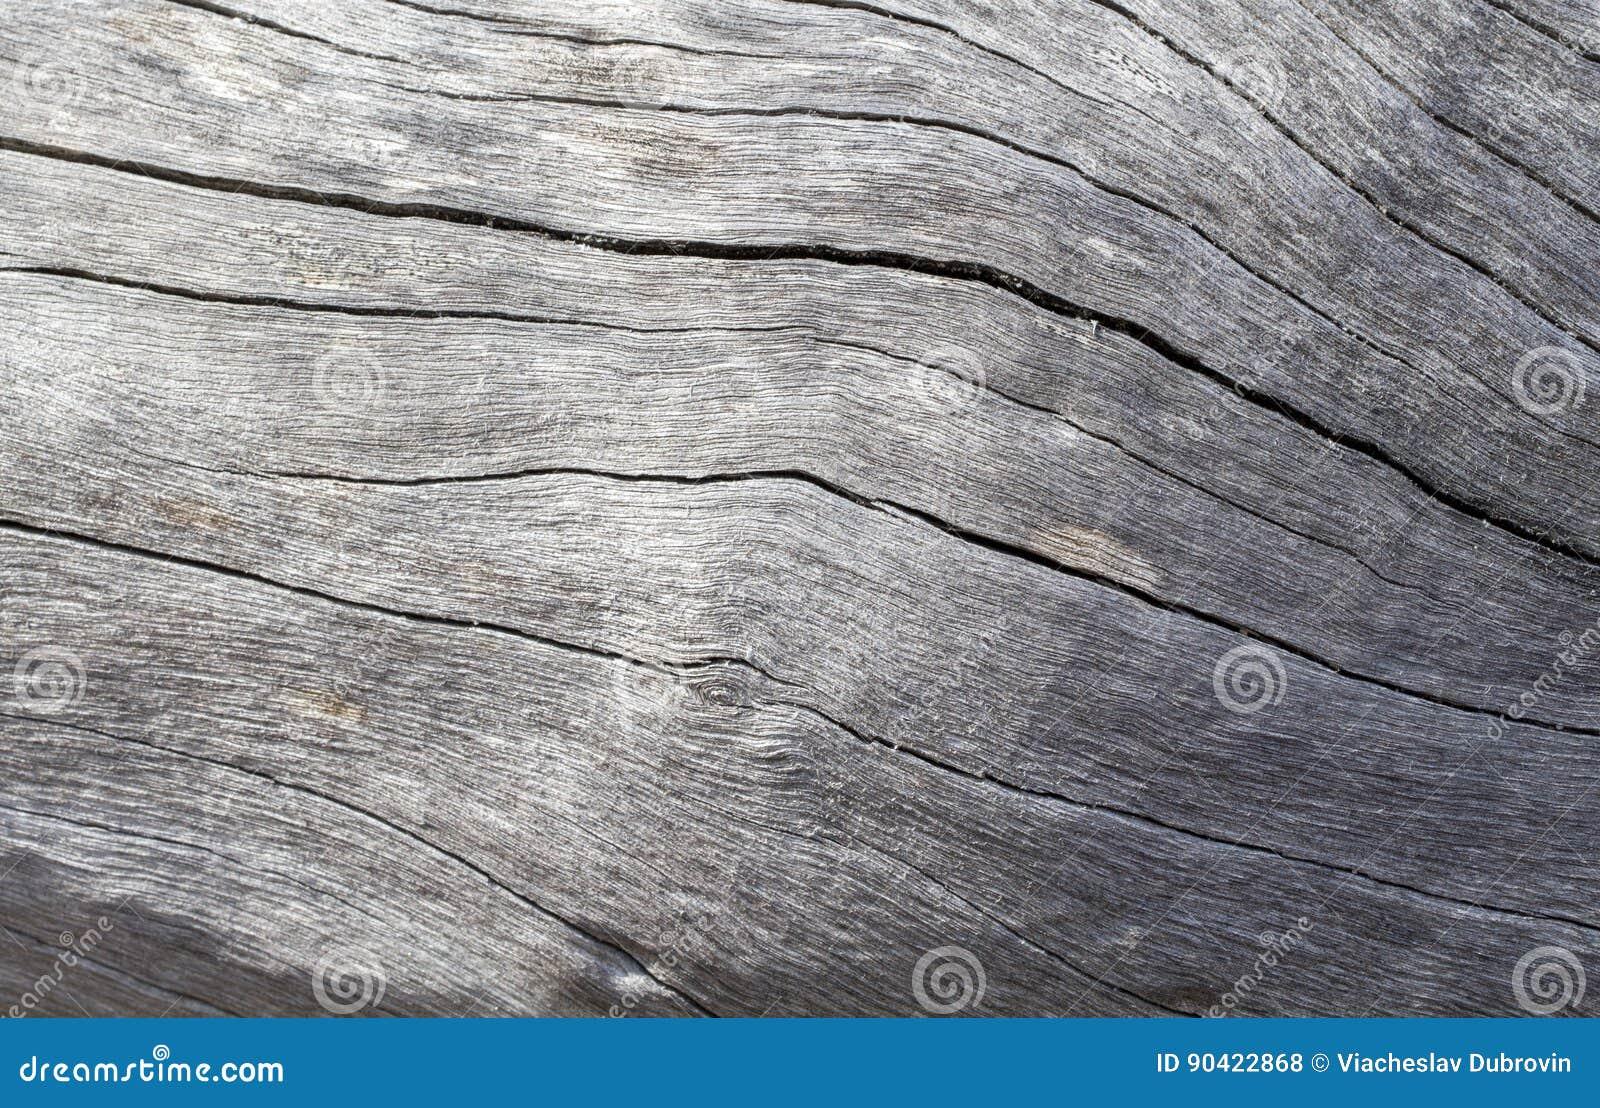 困厄的木纹理特写镜头照片 冷的灰色木背景